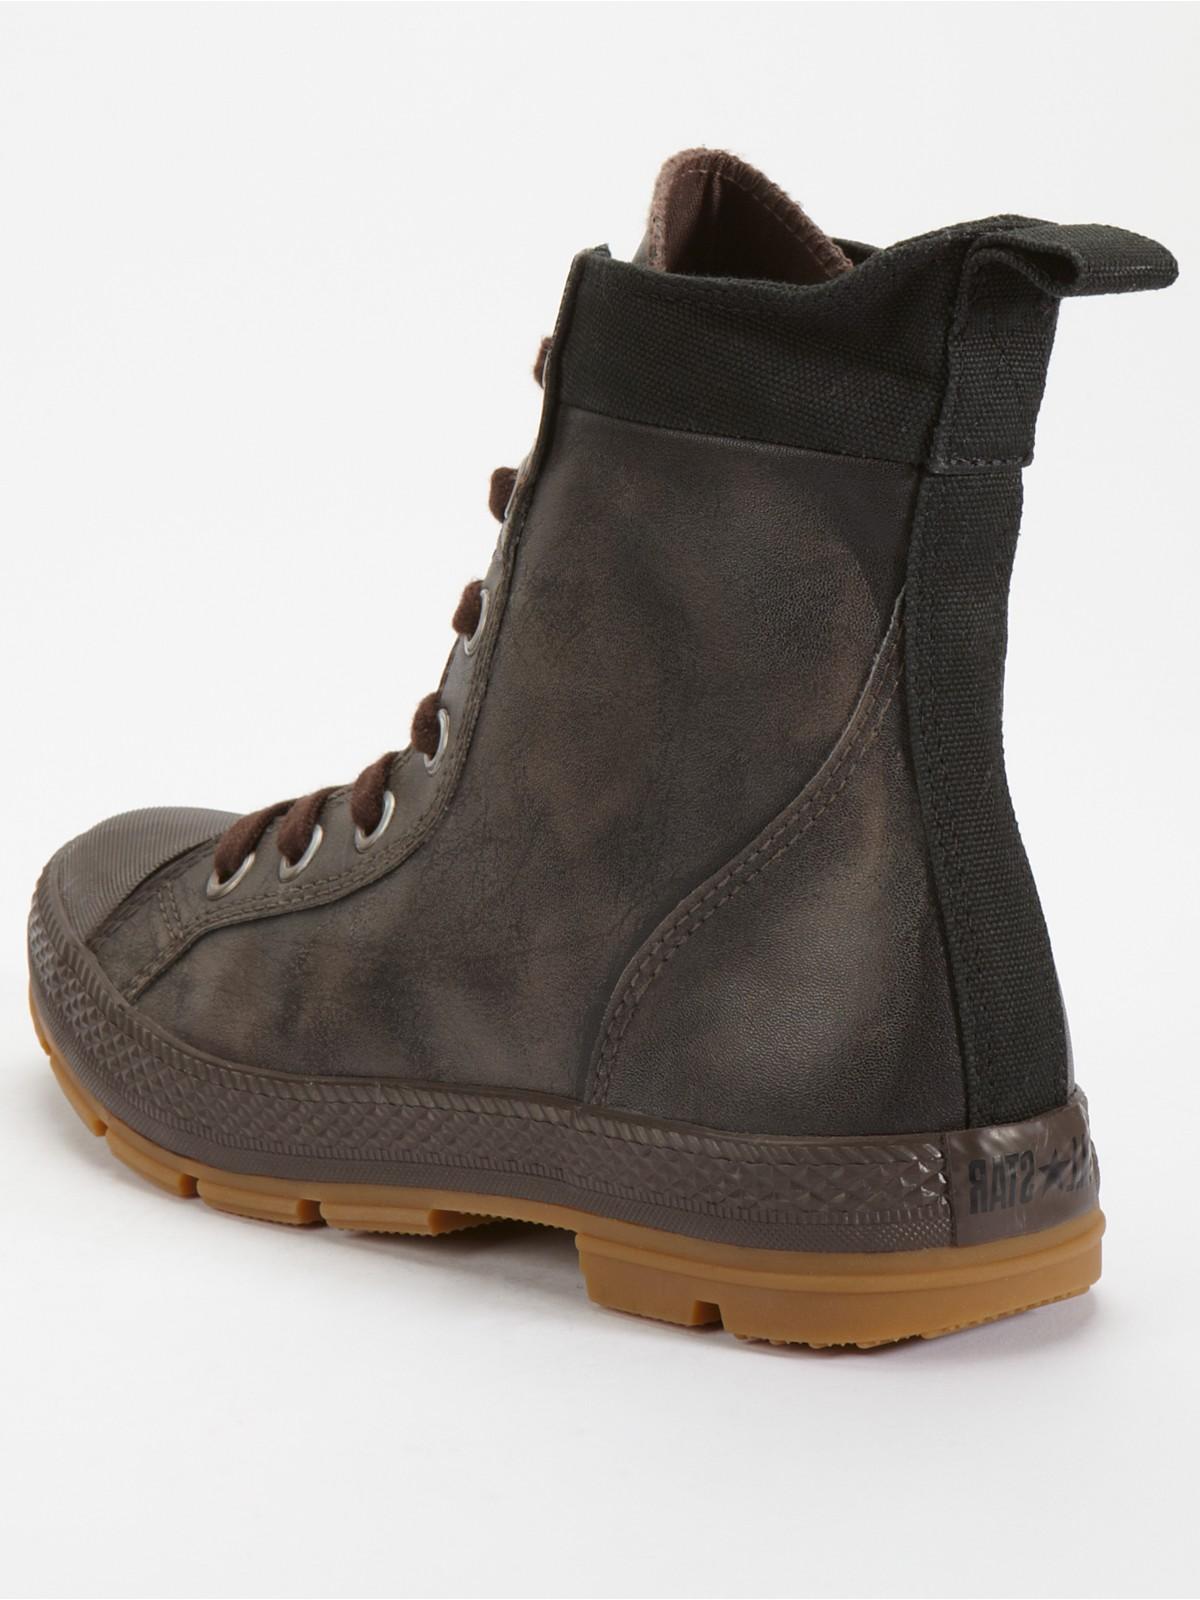 mens converse boots uk